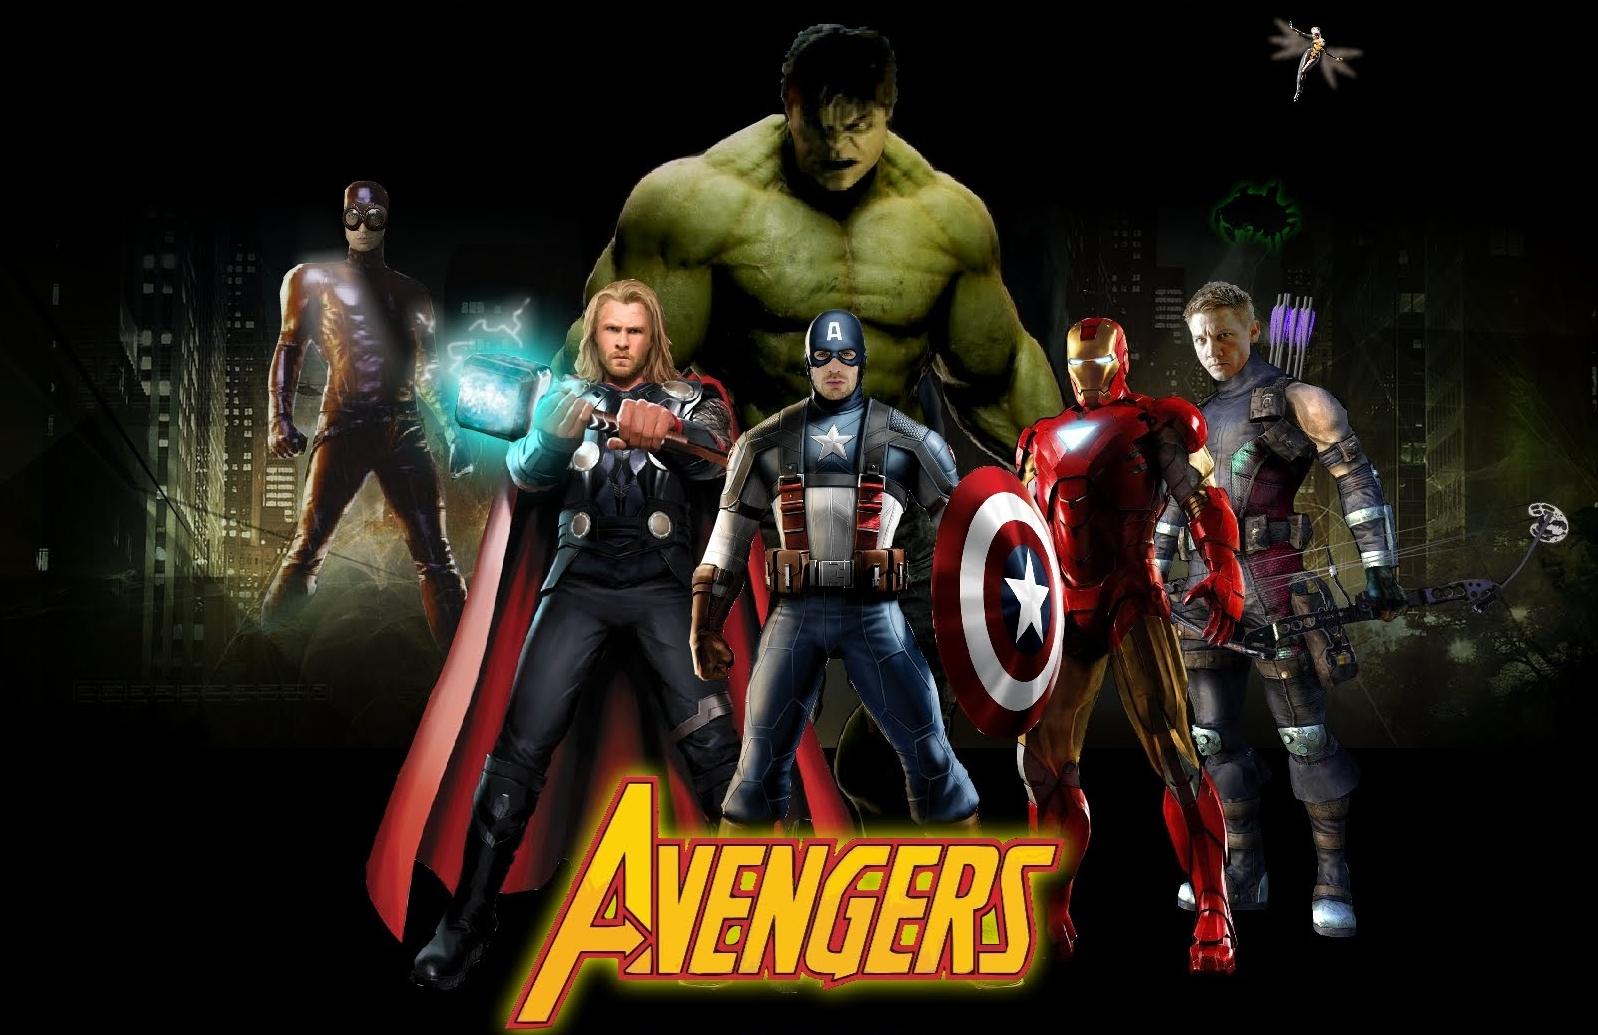 http://4.bp.blogspot.com/-JShKss4J8Ro/UEWN5tnuNhI/AAAAAAAAA8Y/nBUeDl-yrl8/s1600/Avengers_nyito.jpg